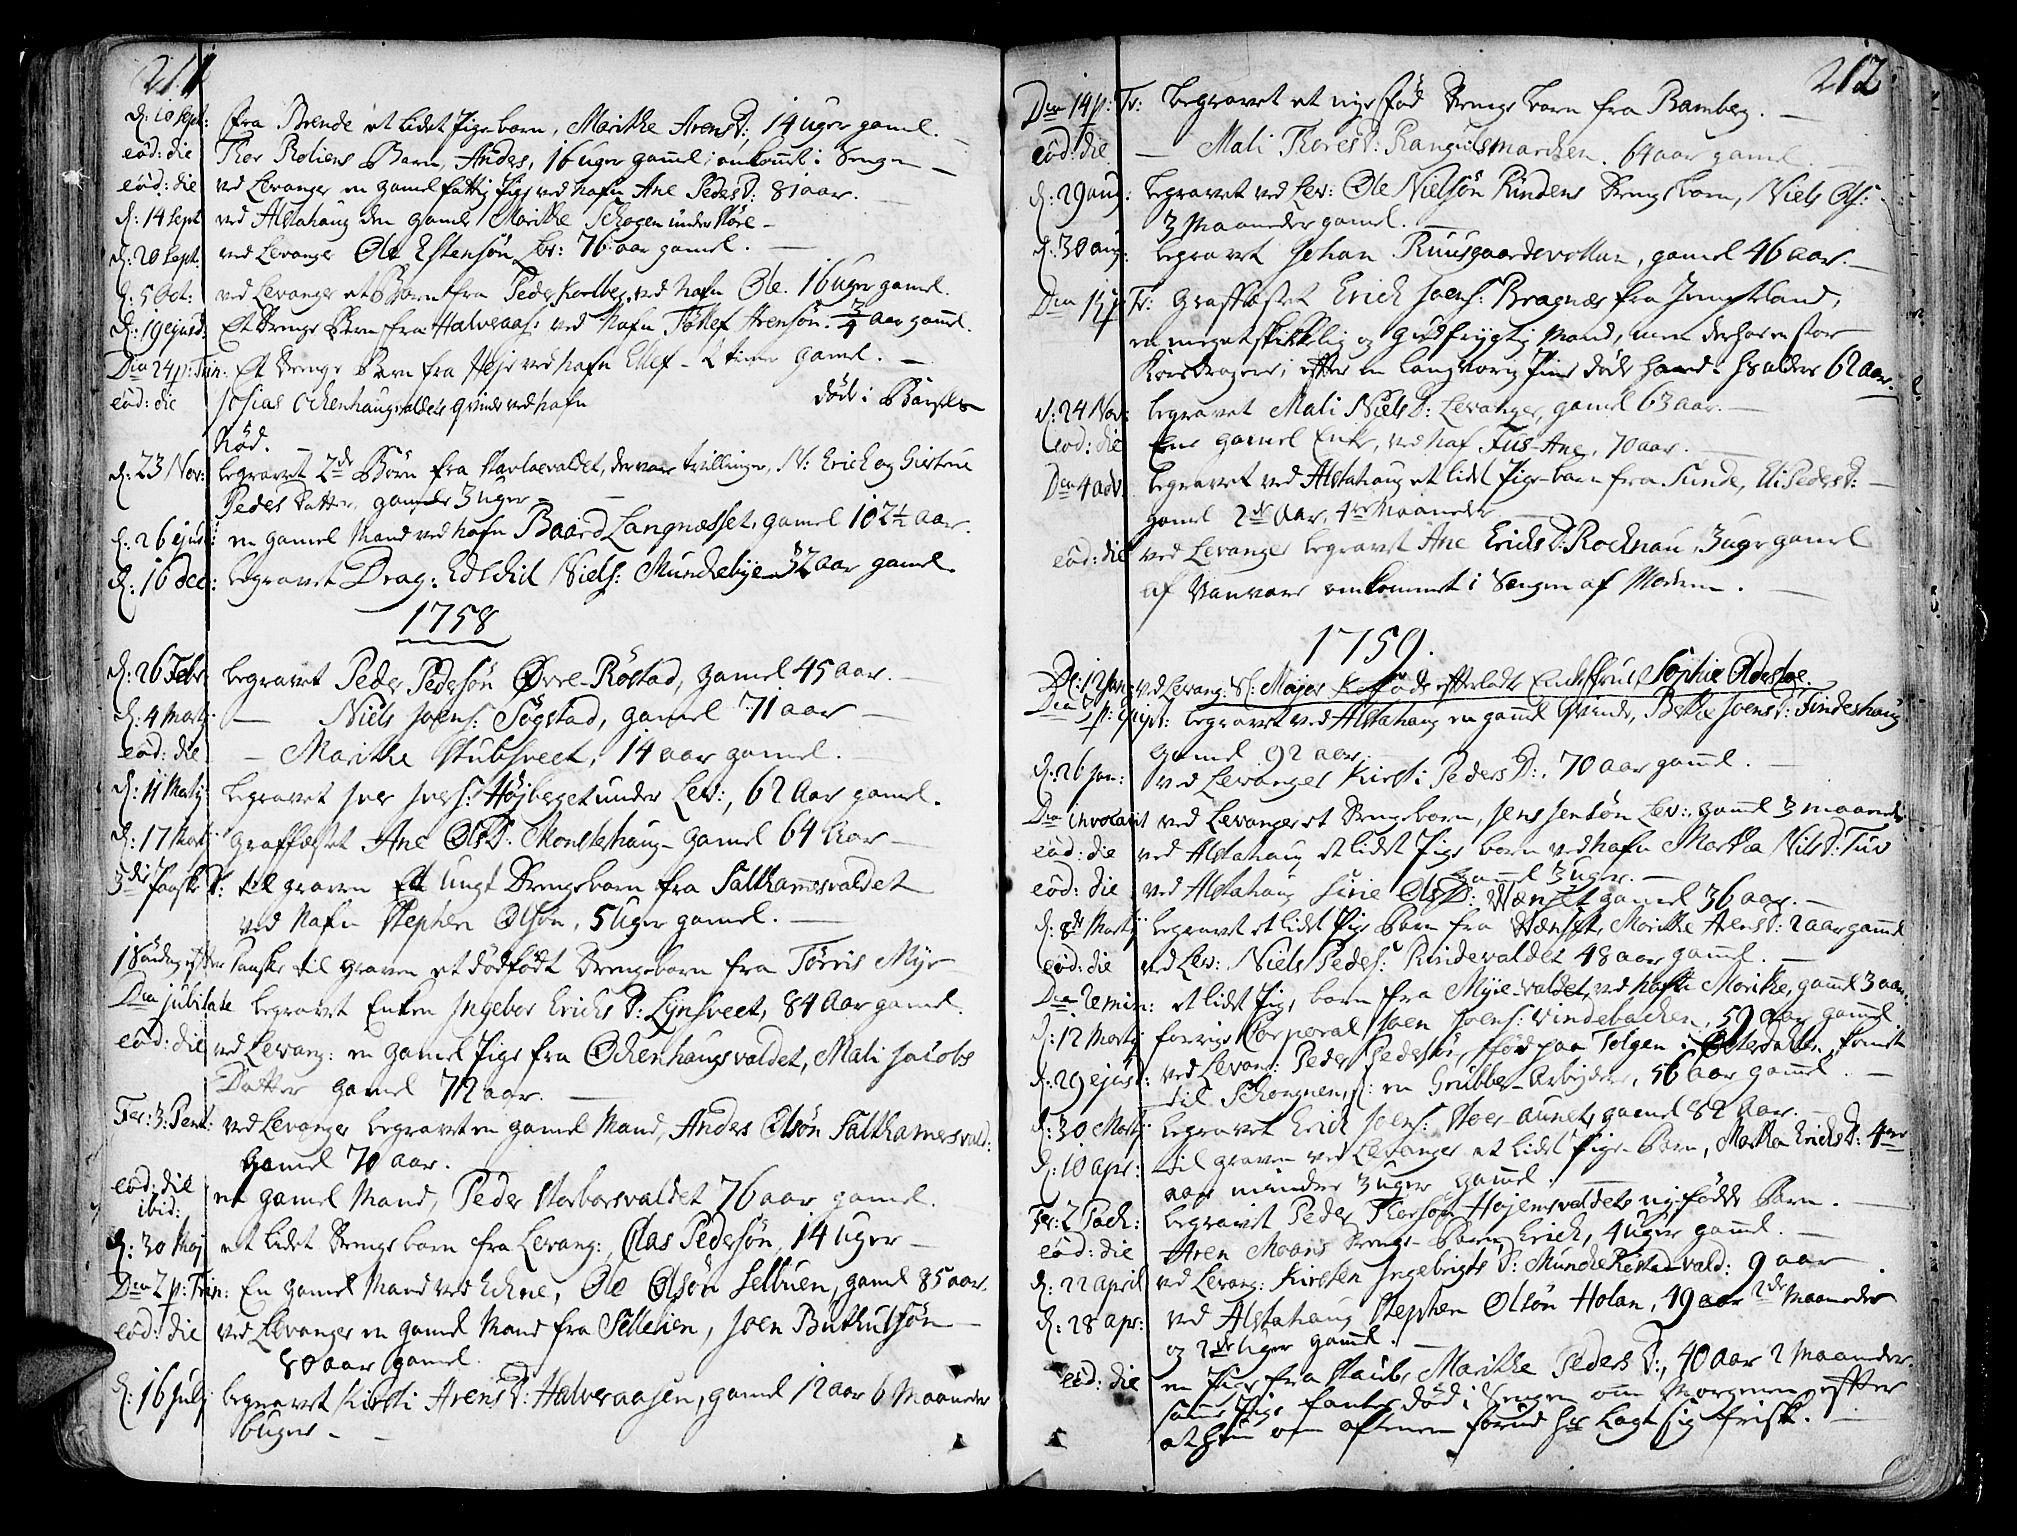 SAT, Ministerialprotokoller, klokkerbøker og fødselsregistre - Nord-Trøndelag, 717/L0141: Ministerialbok nr. 717A01, 1747-1803, s. 211-212